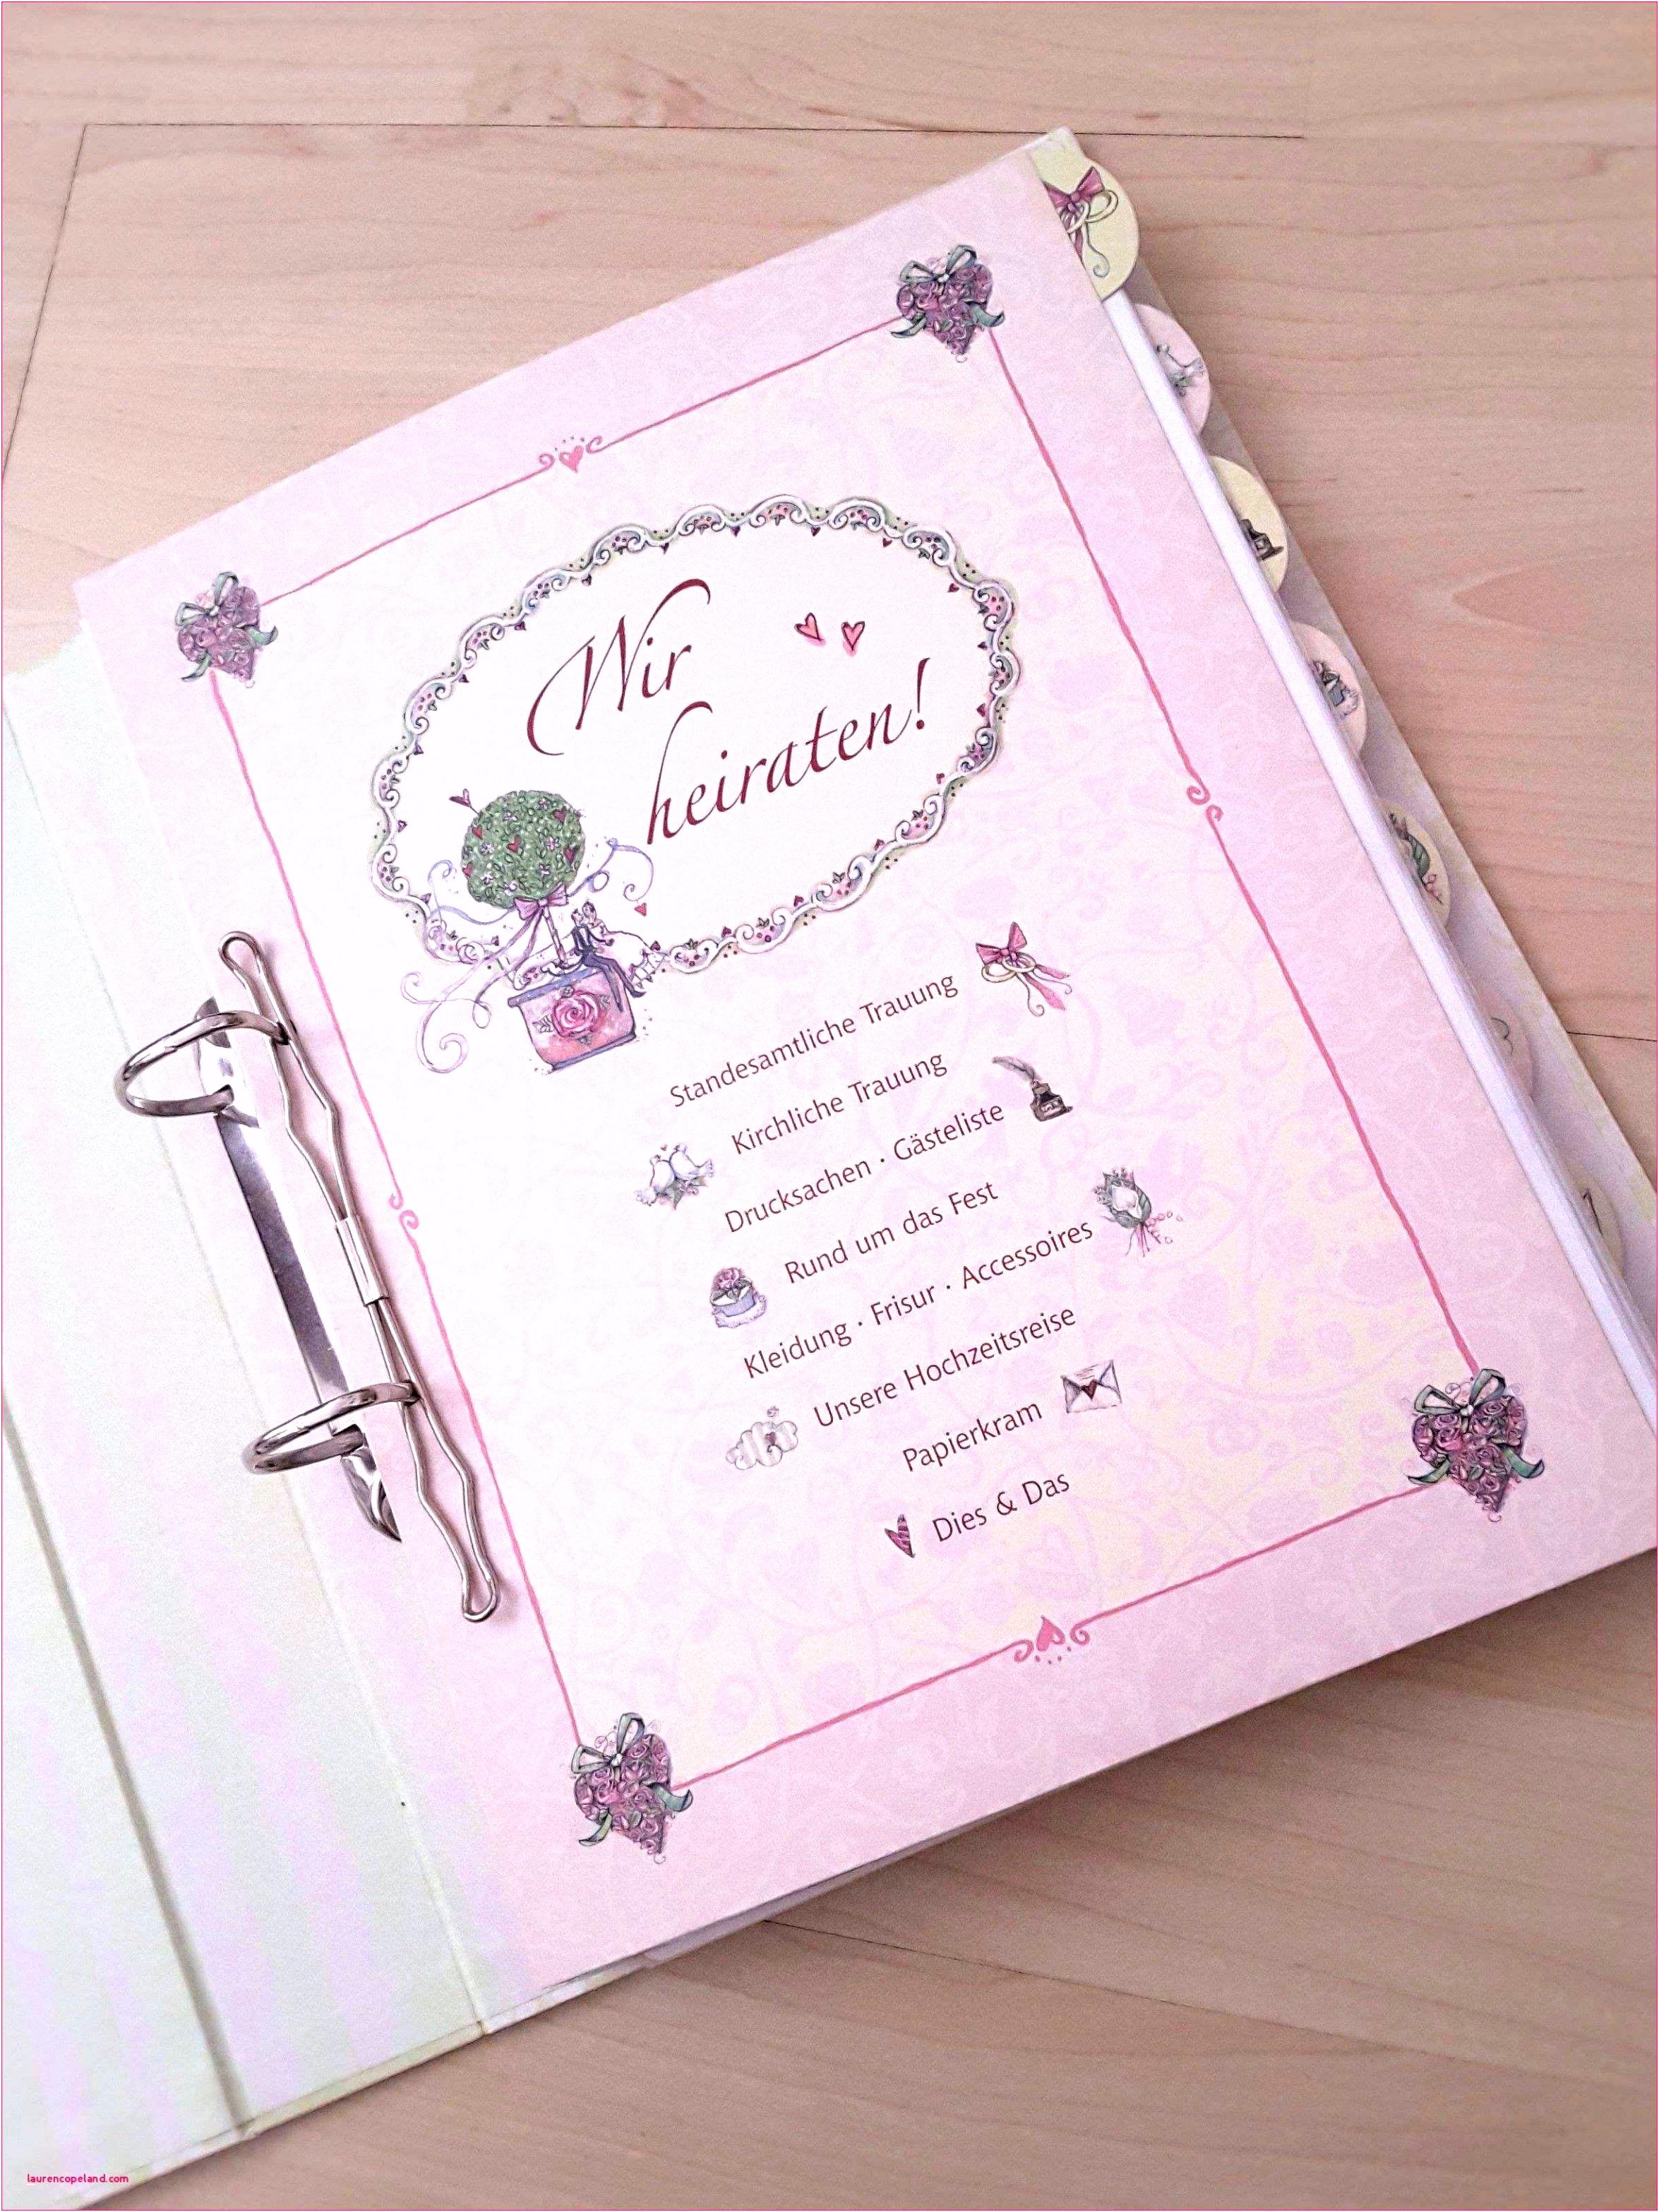 Danksagung Trauerfall Vorlage Text Danksagungskarte Hochzeit